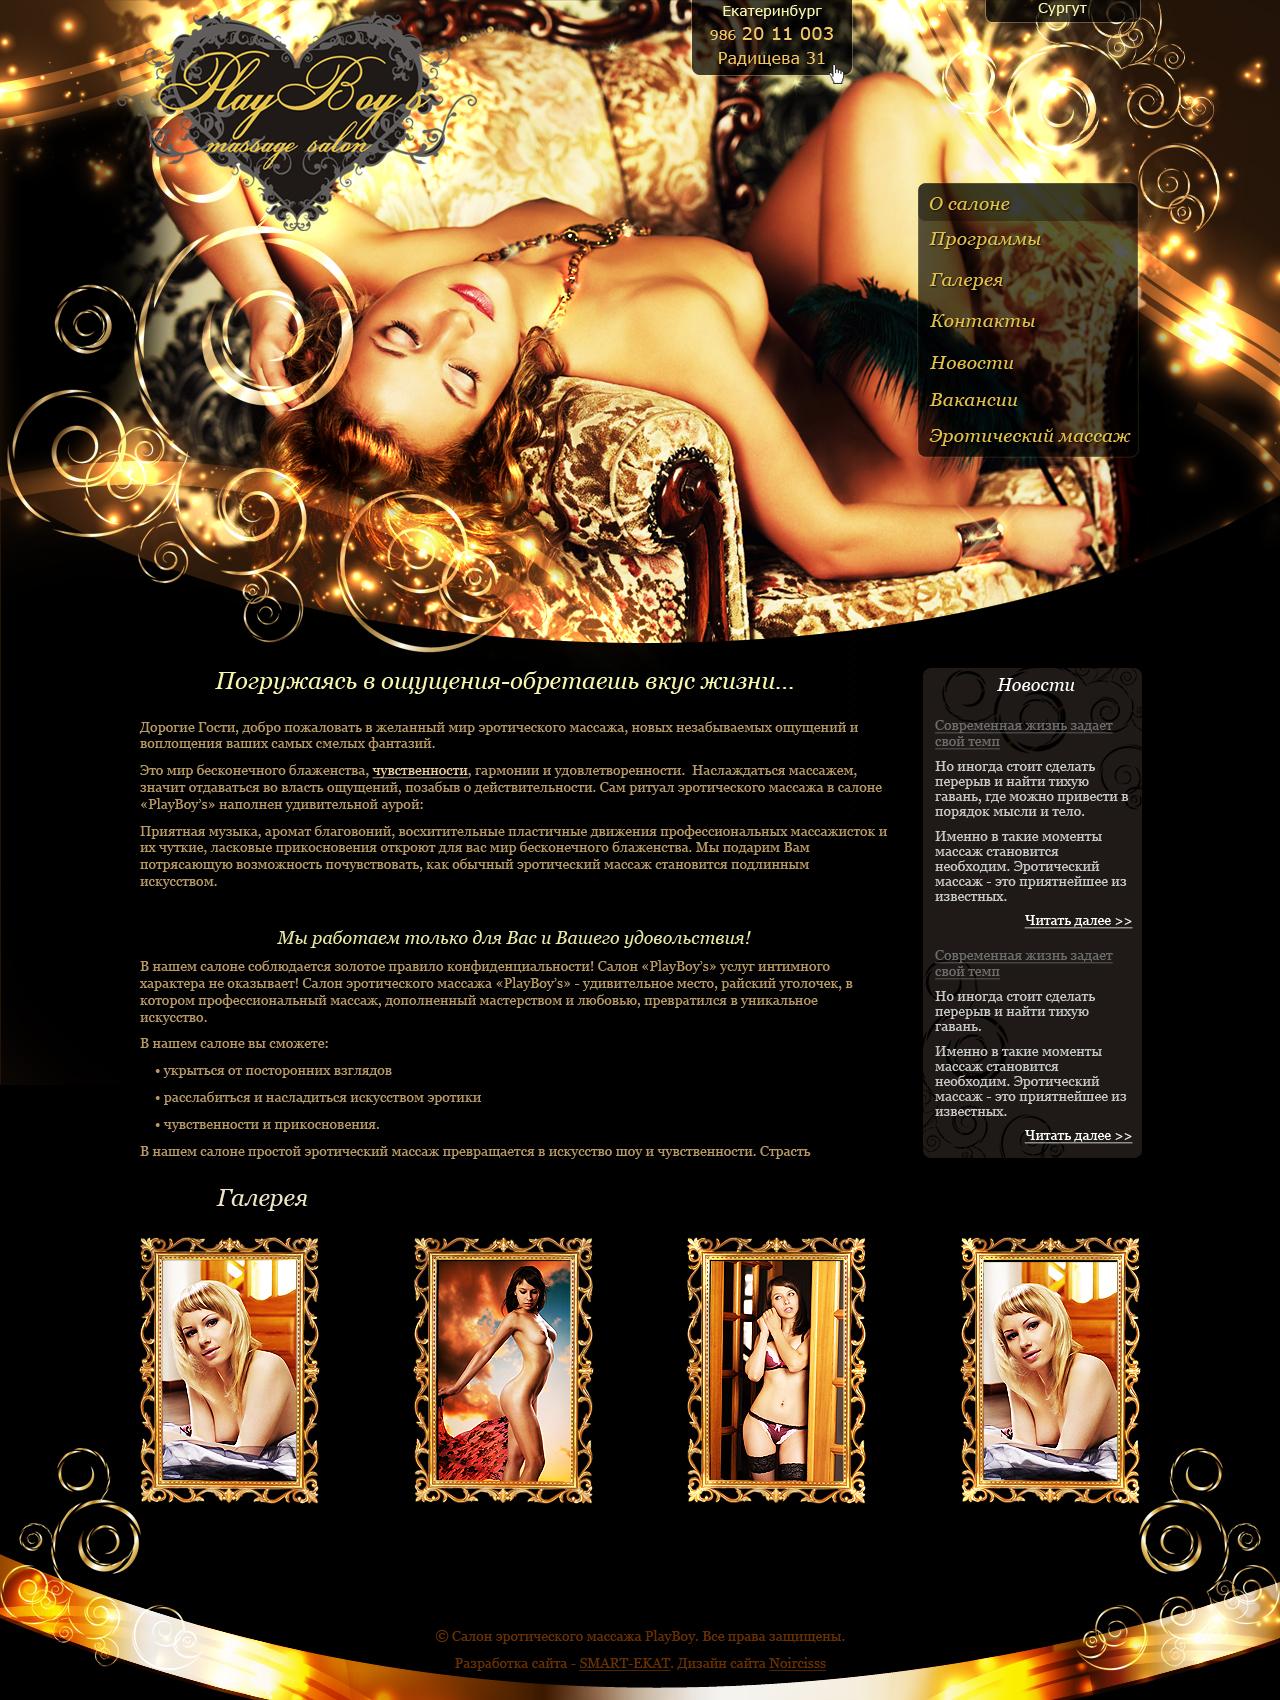 salon-eroticheskogo-salona